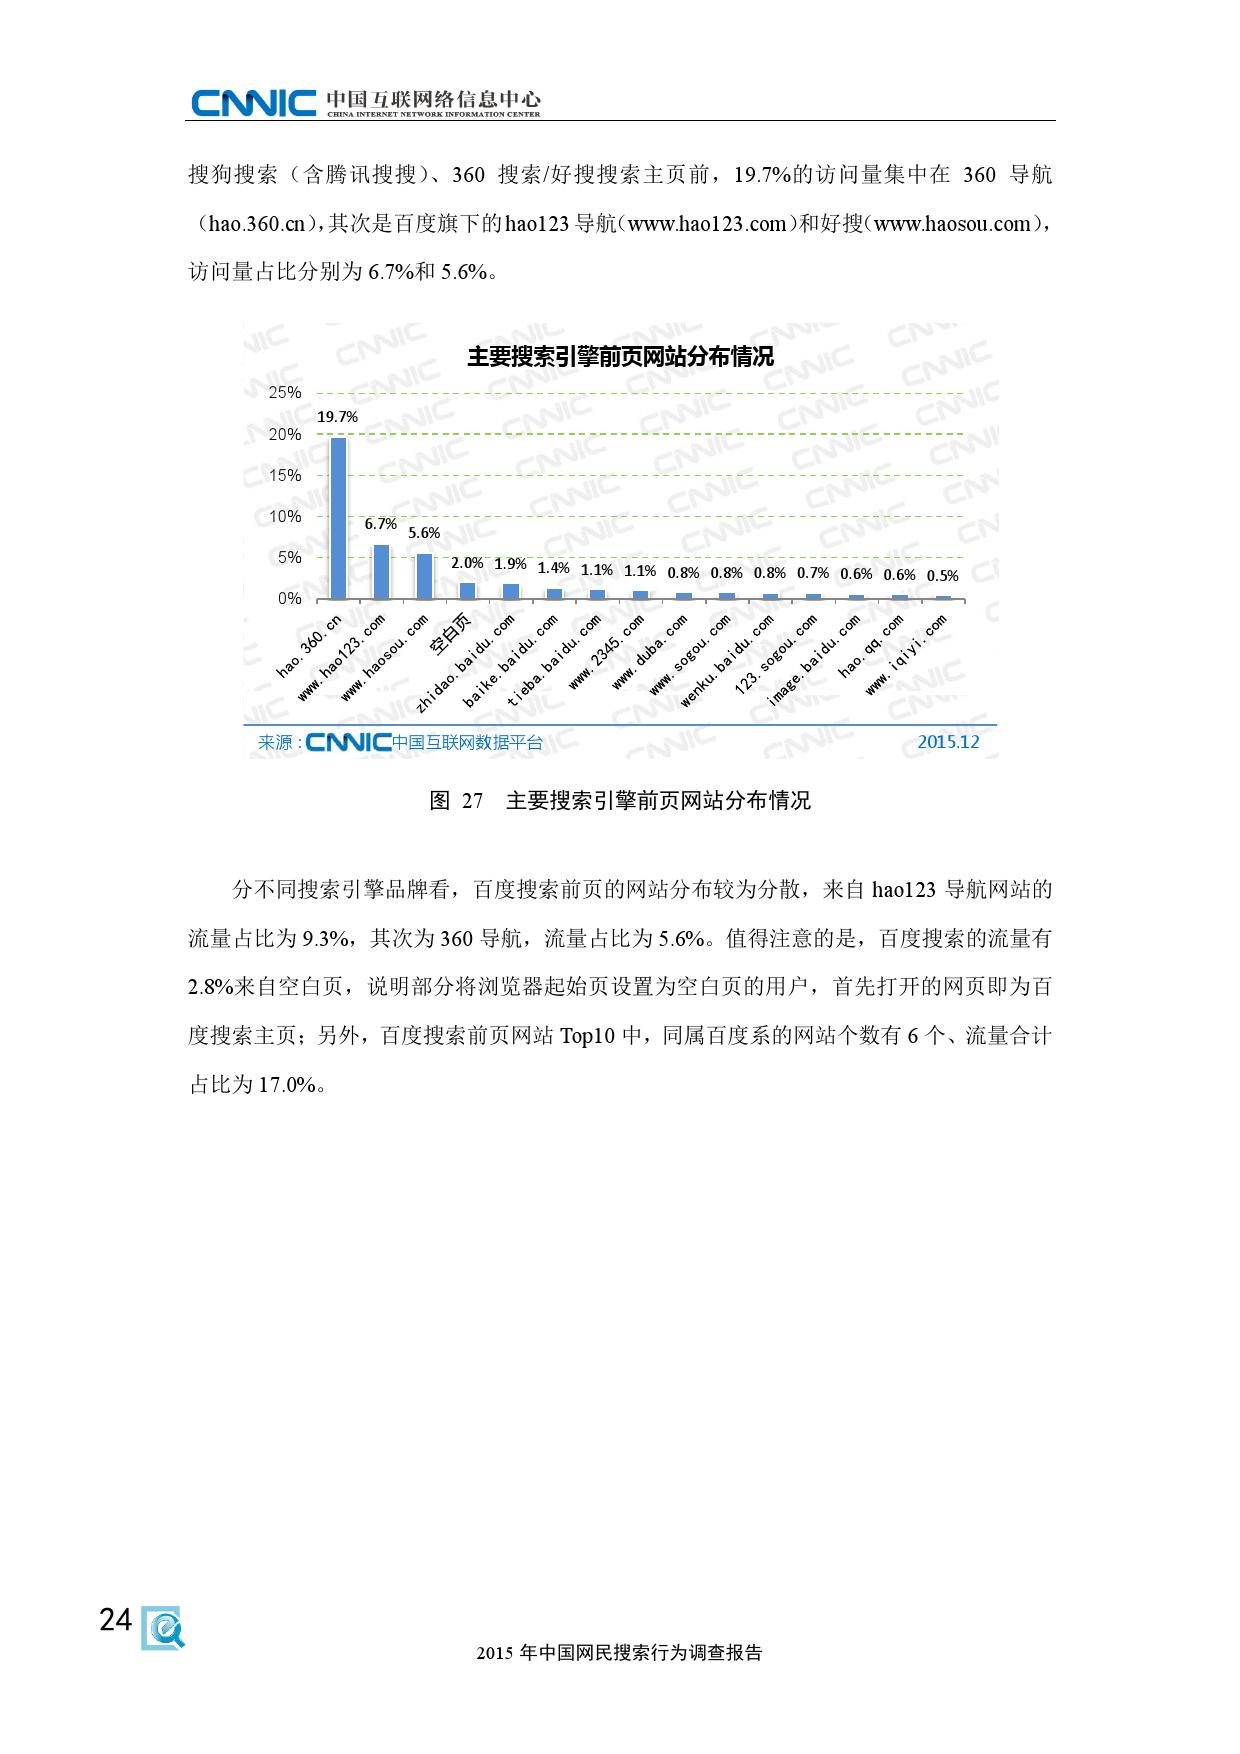 CNNIC:2015年中国网民搜索行为调查_000032